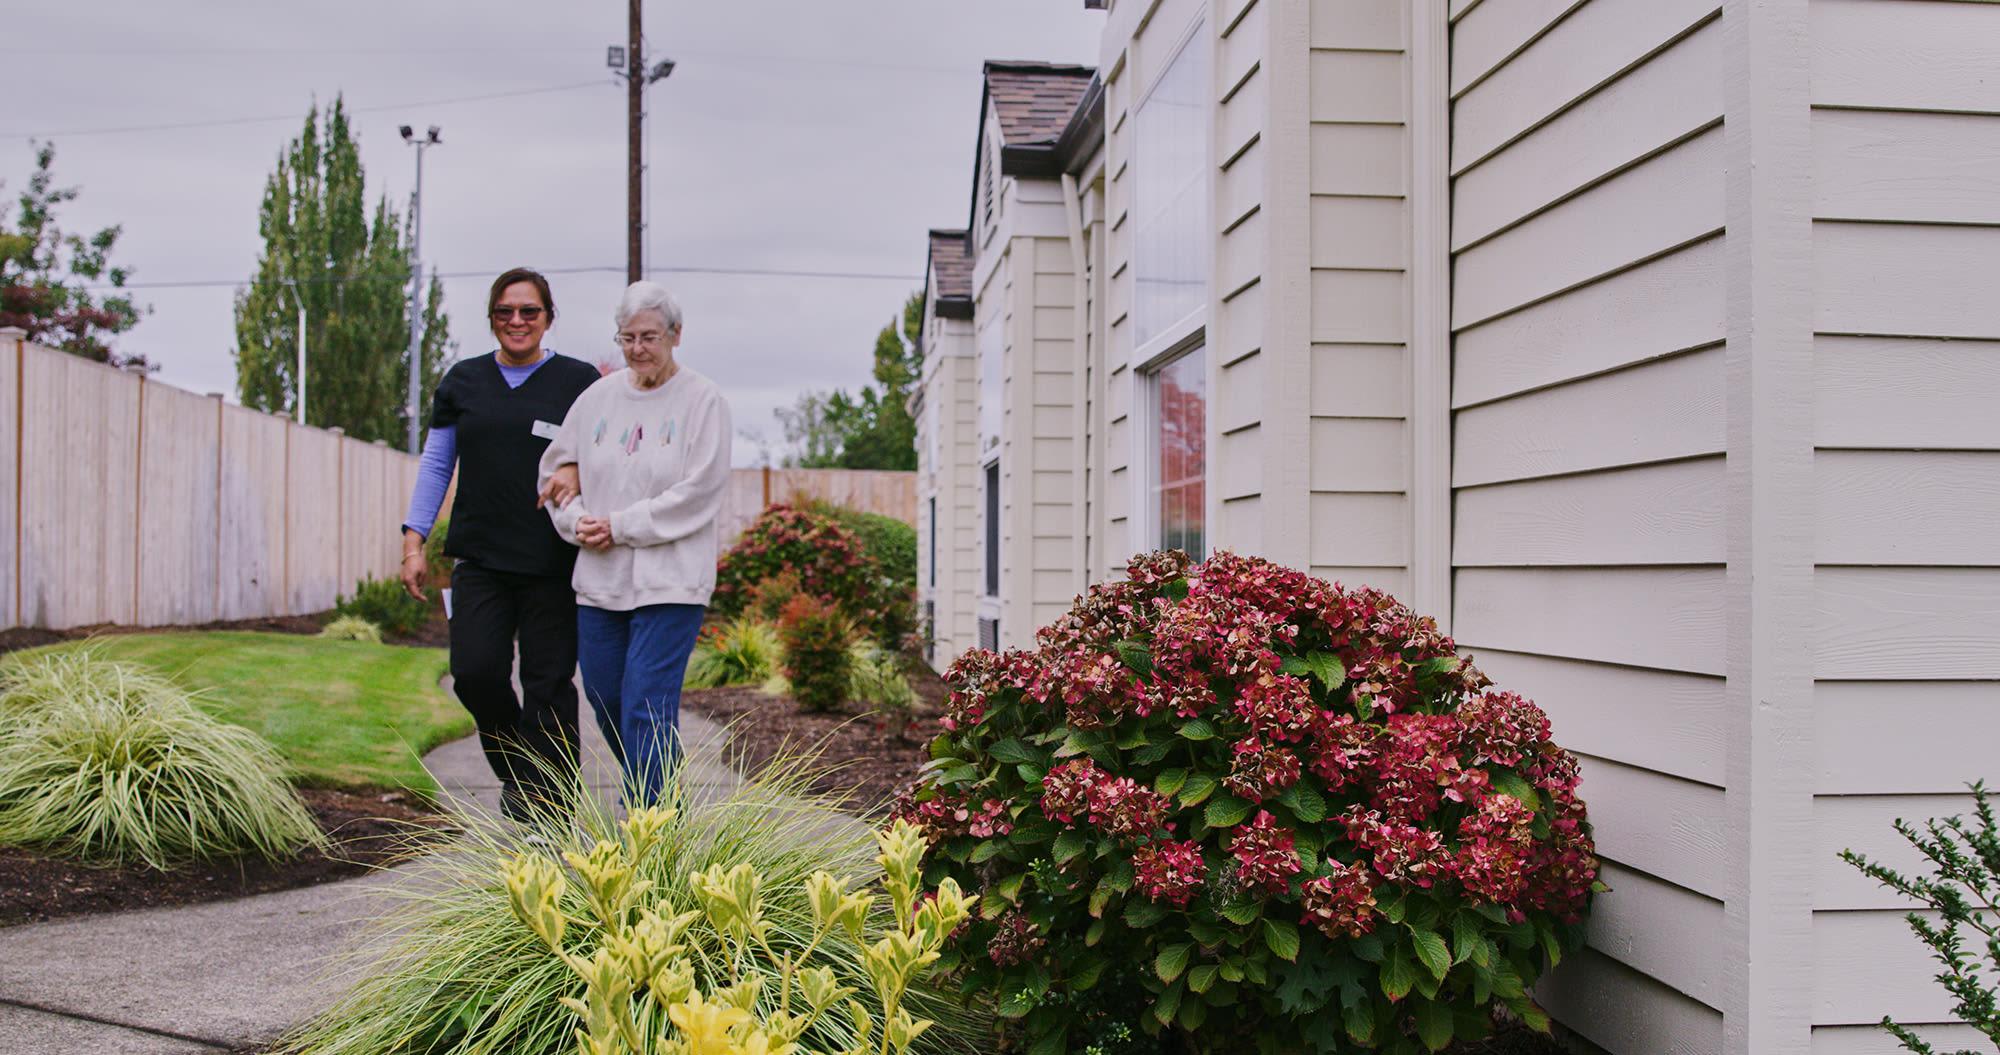 resident and a caretaker walking outside at Barnett Woods in Medford, Oregon